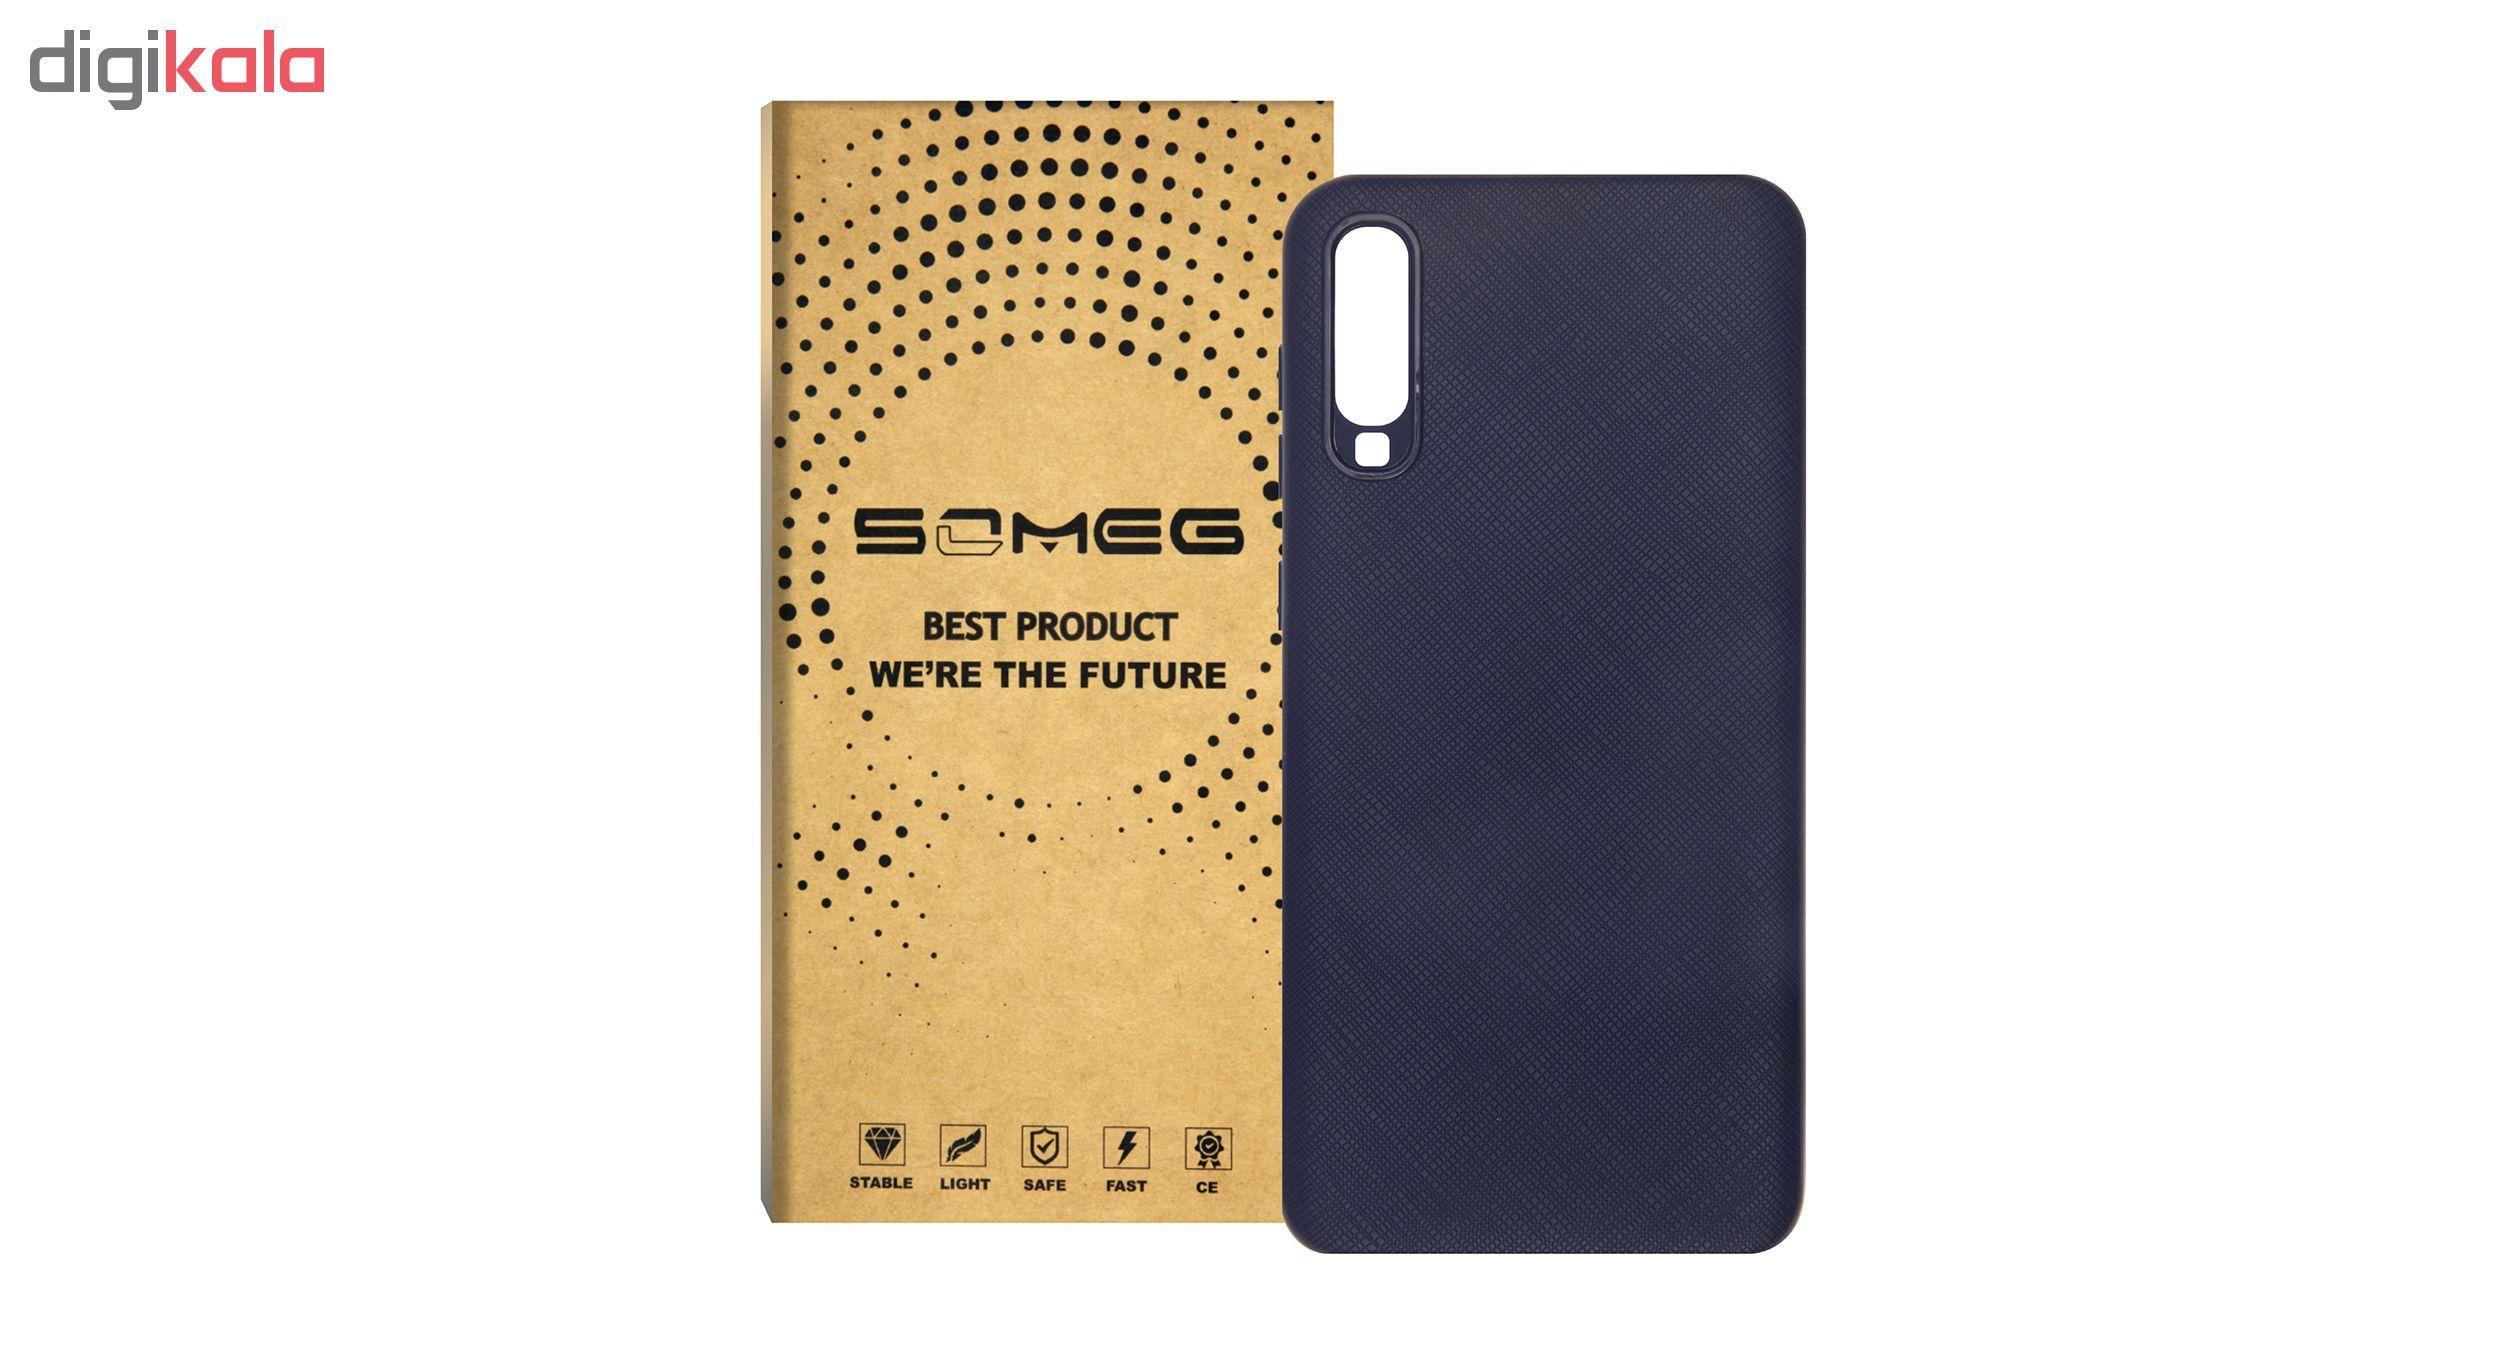 کاور سومگ مدل SC-i001 مناسب برای گوشی موبایل سامسونگ Galaxy A50 main 1 1